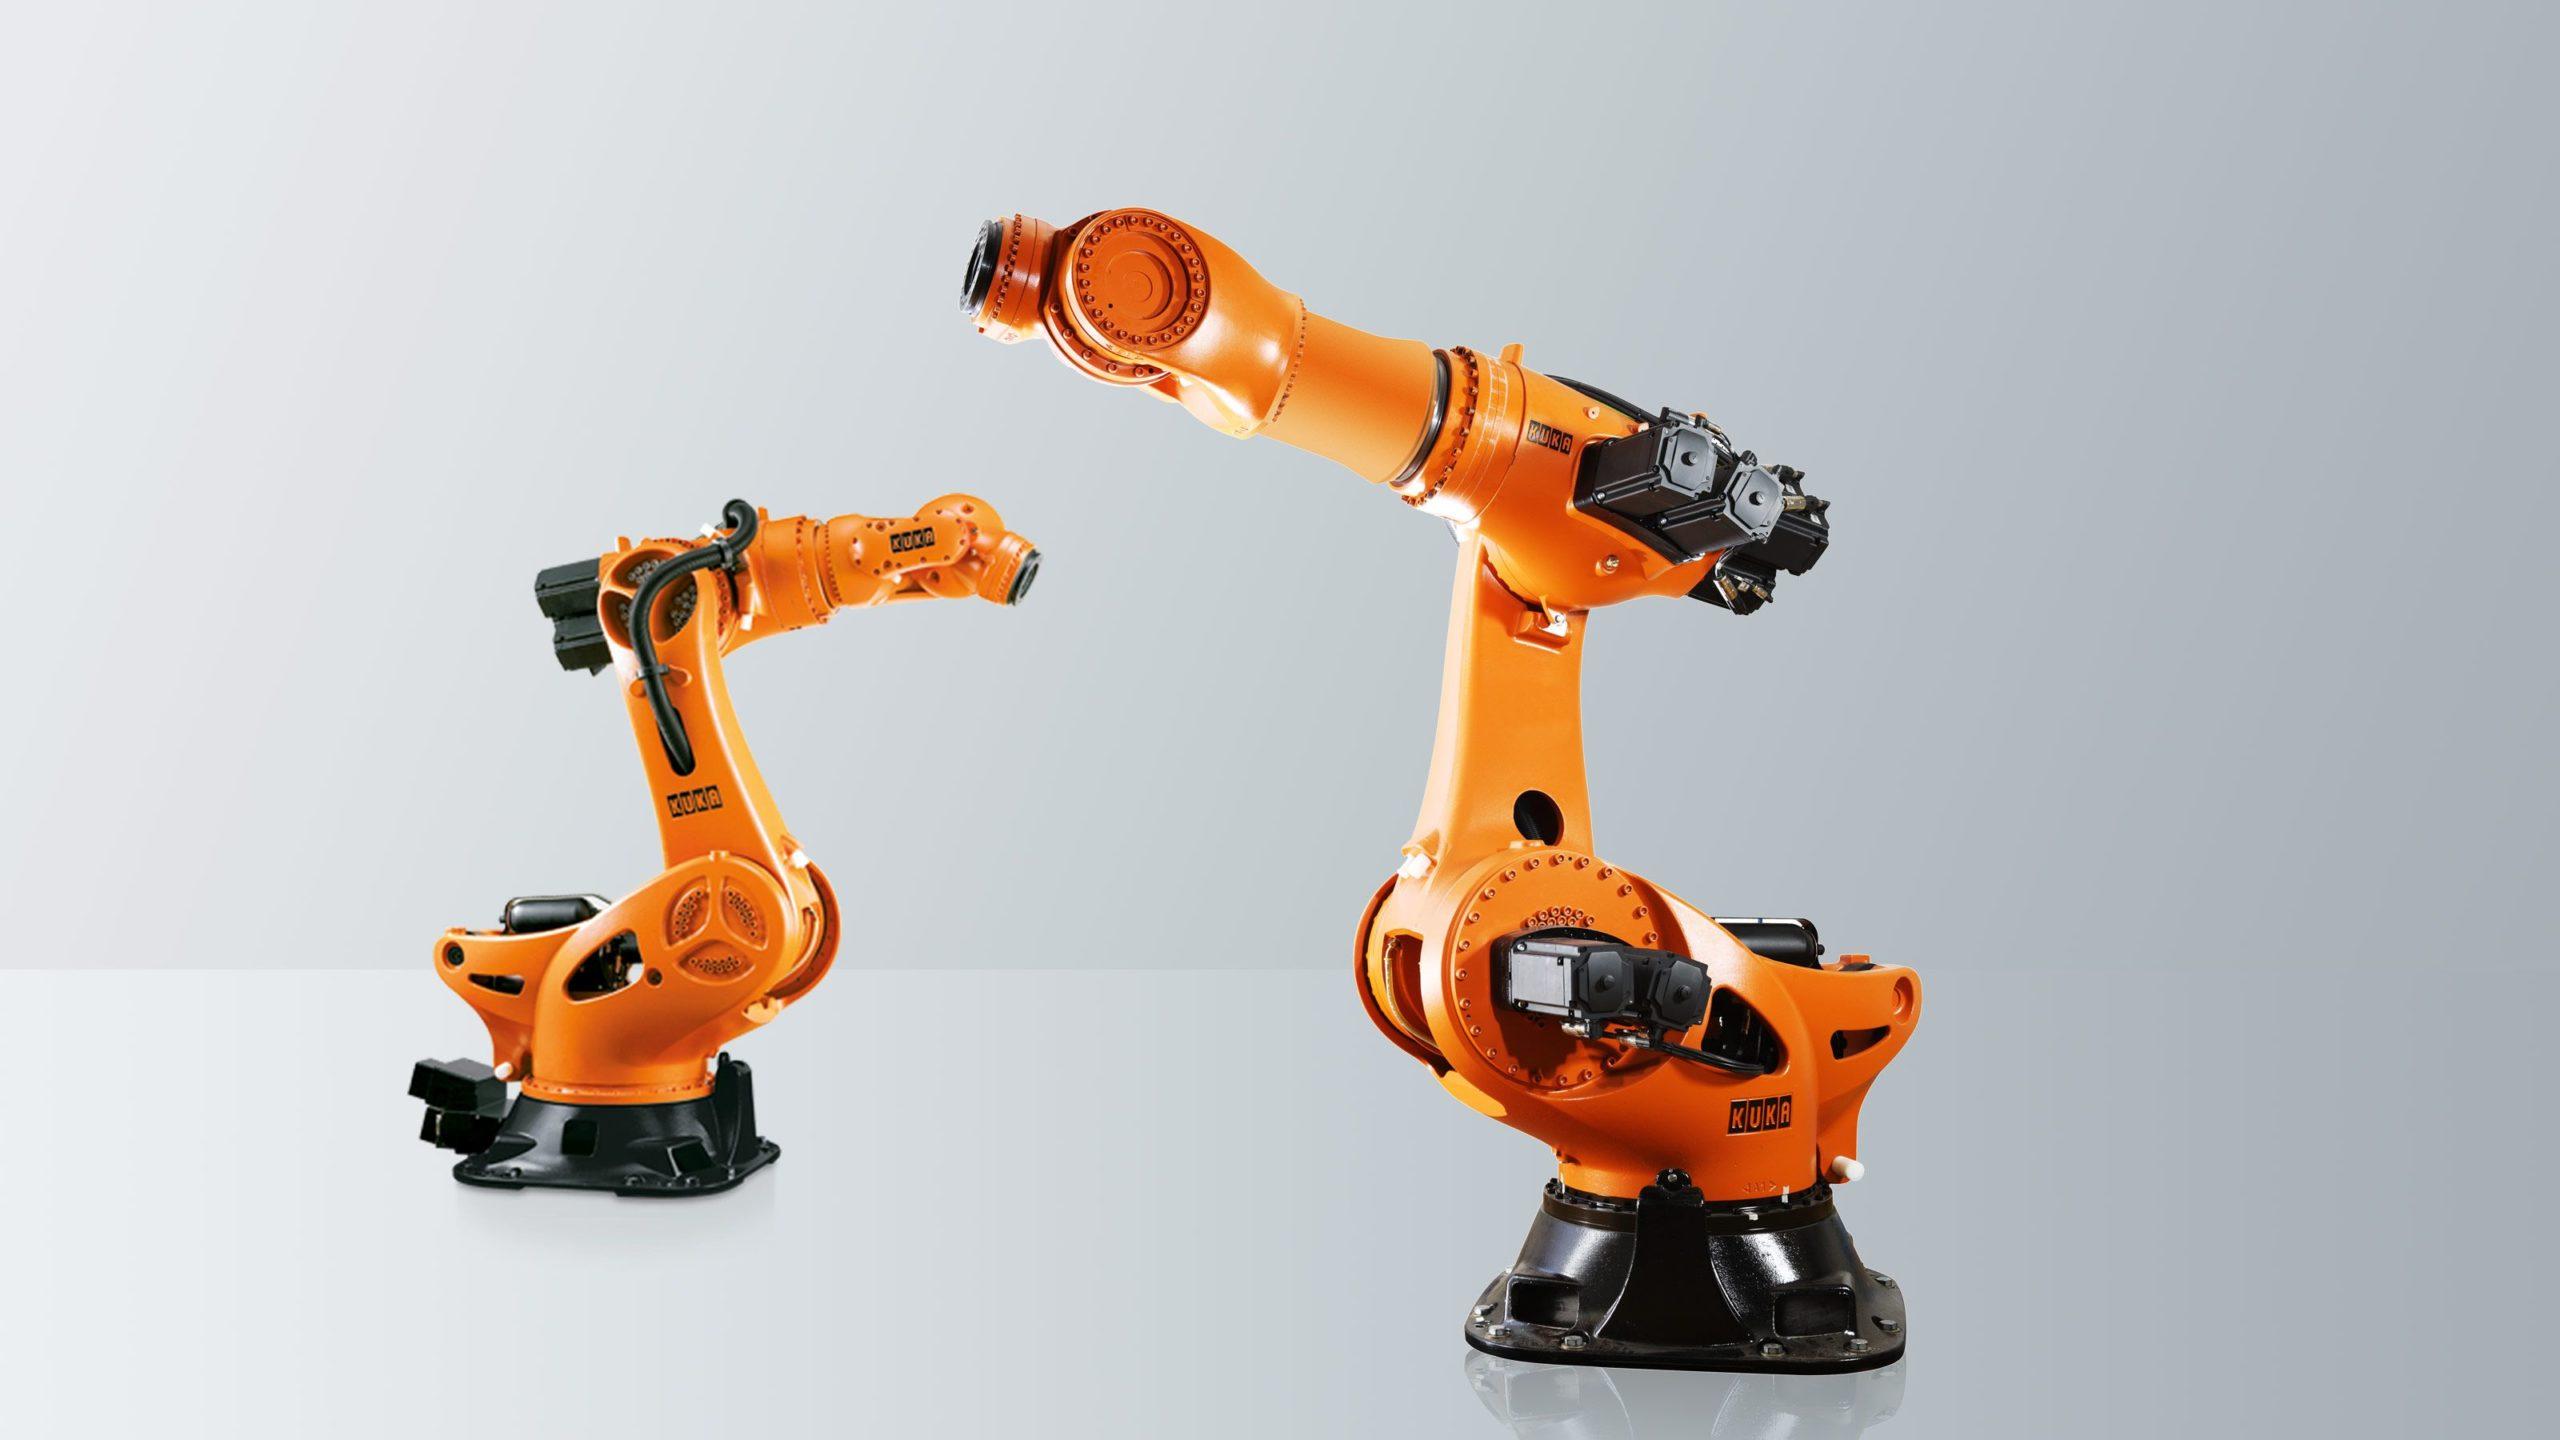 kuka-robotics-robot